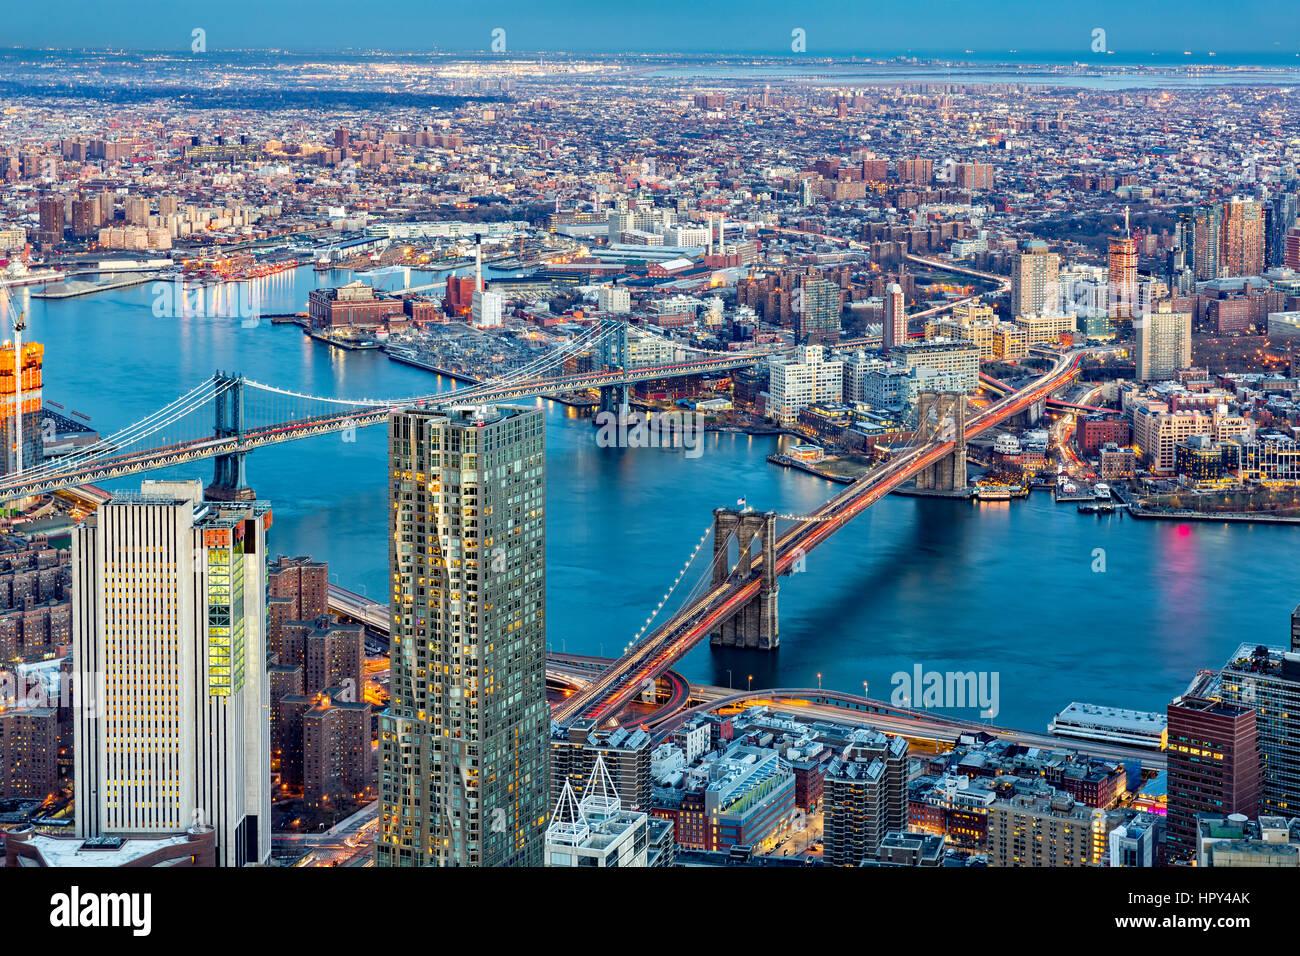 Brooklyn und Manhattan Brücken überspannen East River in der Abenddämmerung, zwischen der Insel Manhattan Stockbild